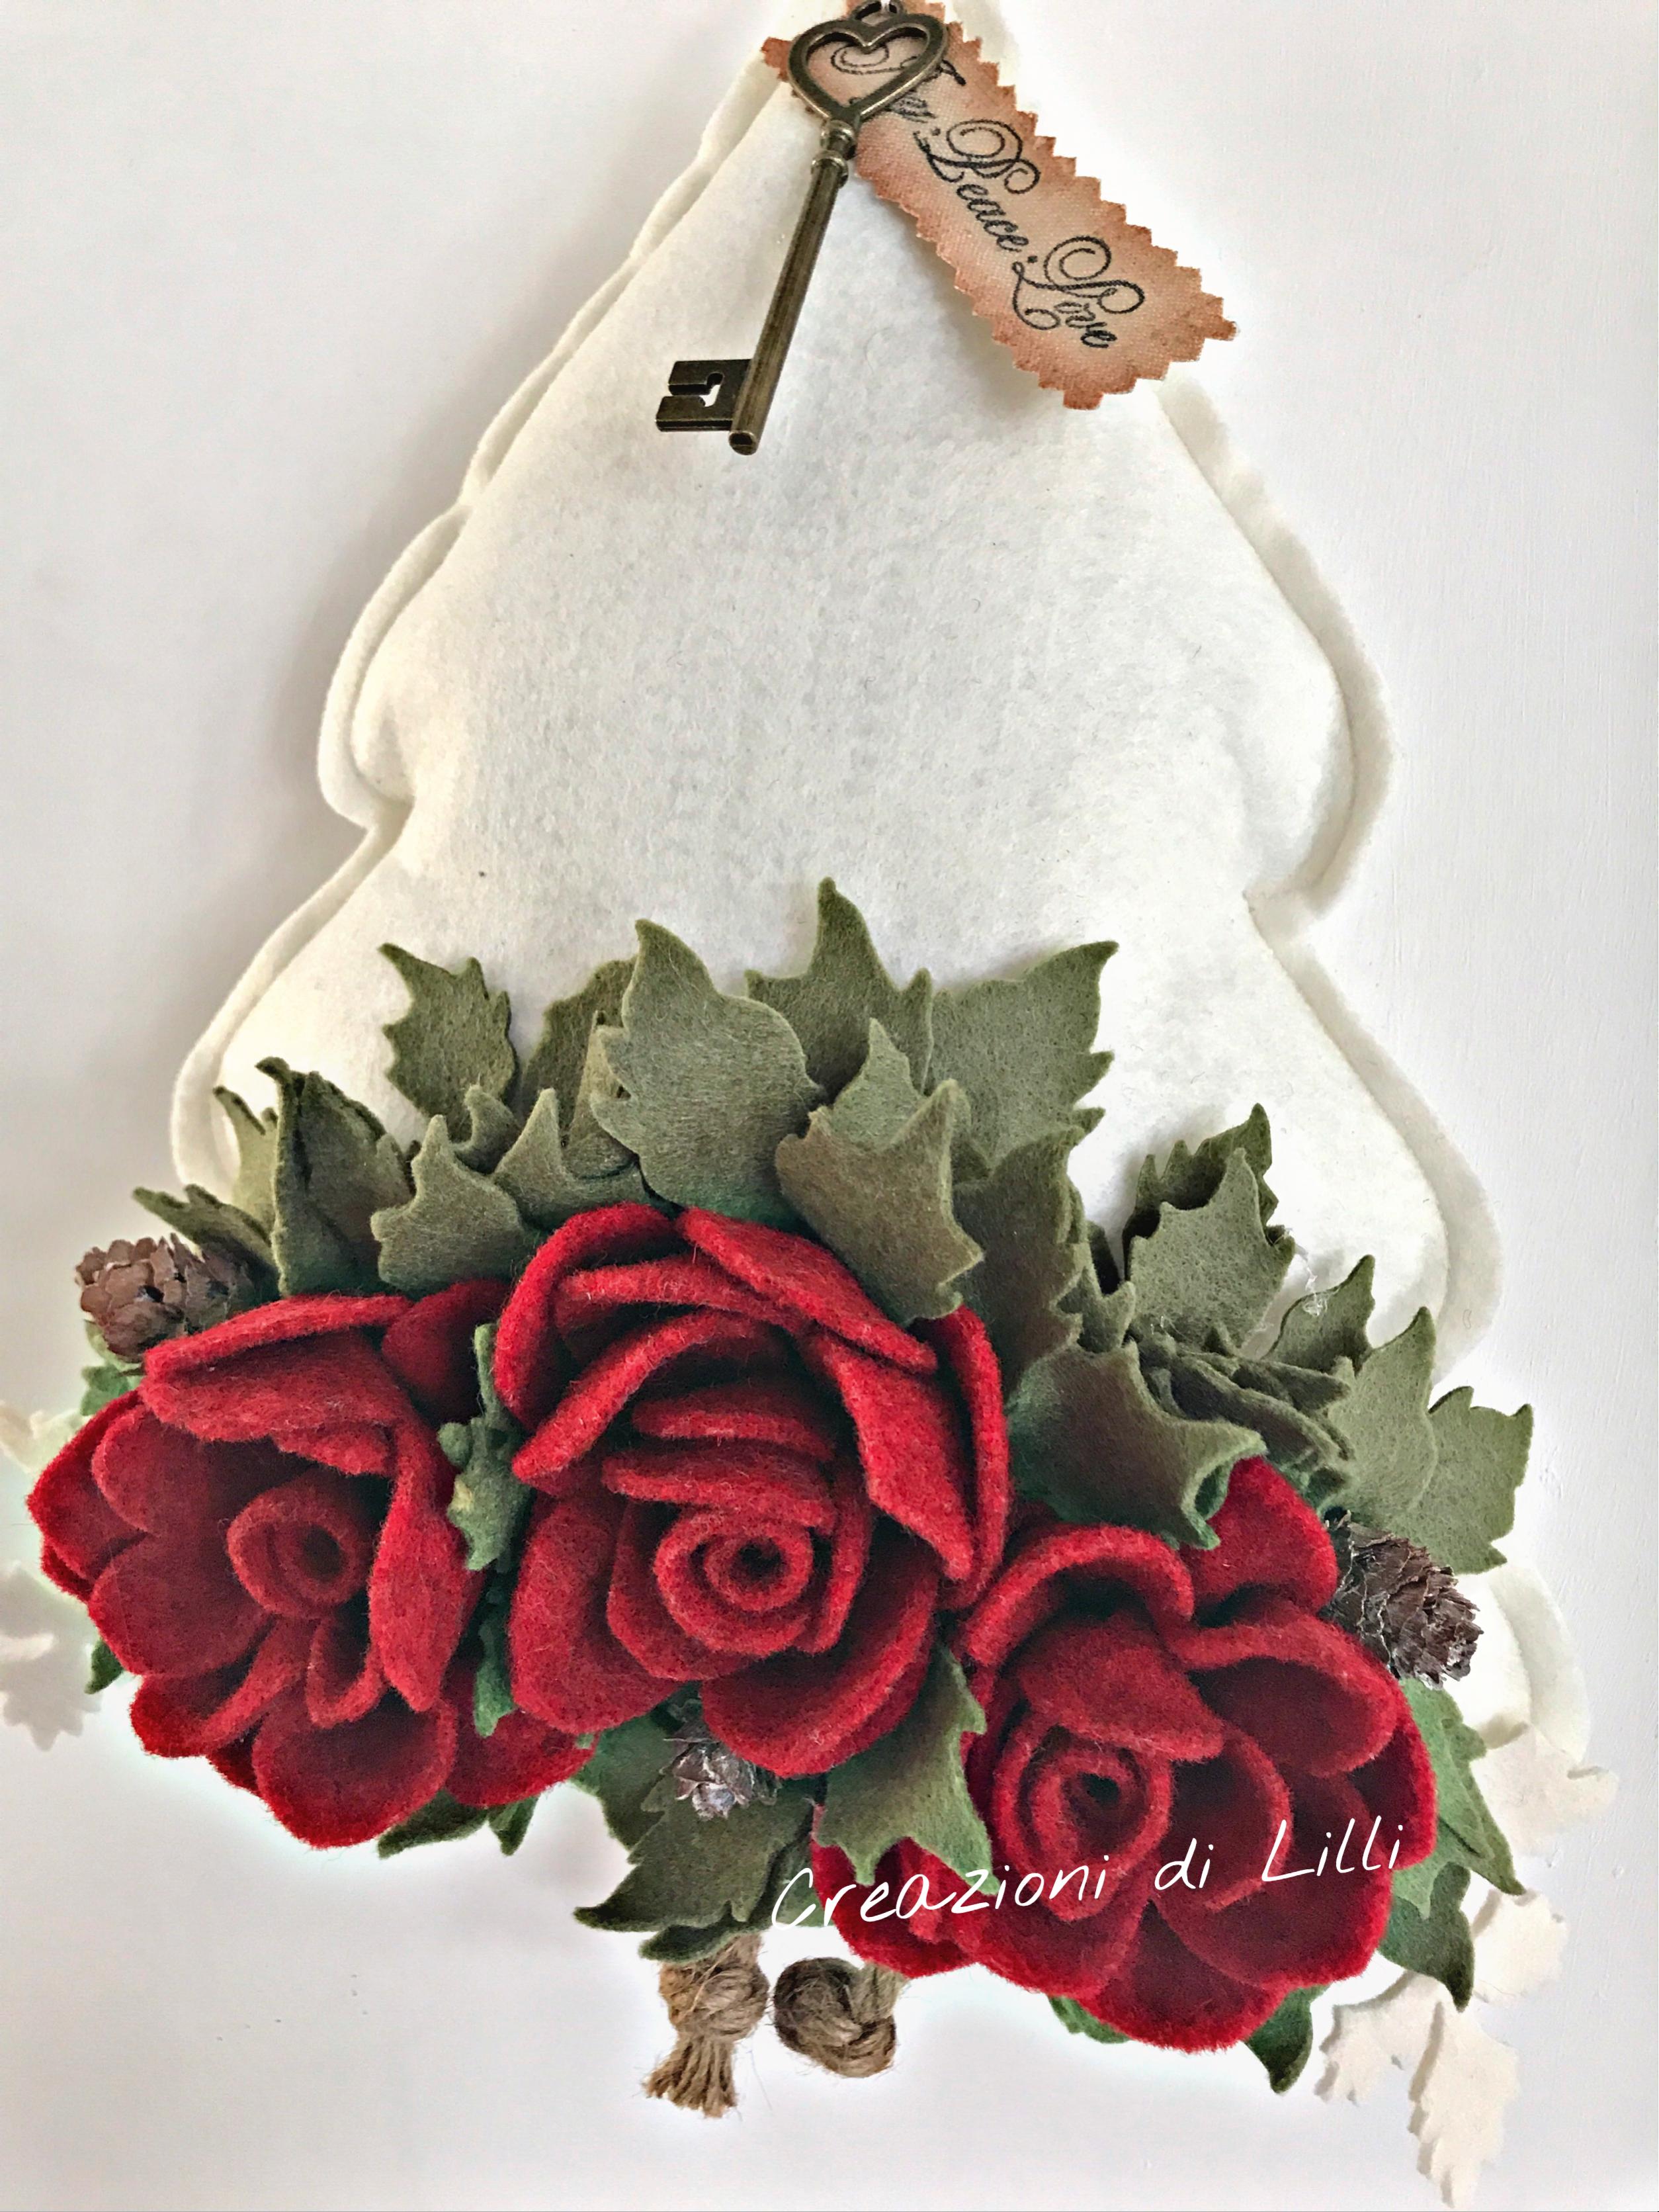 #Creazionidililli #Decorazioni #Natale #Style #Idee #Alberi #Feltro #Rose #Hobby Visita